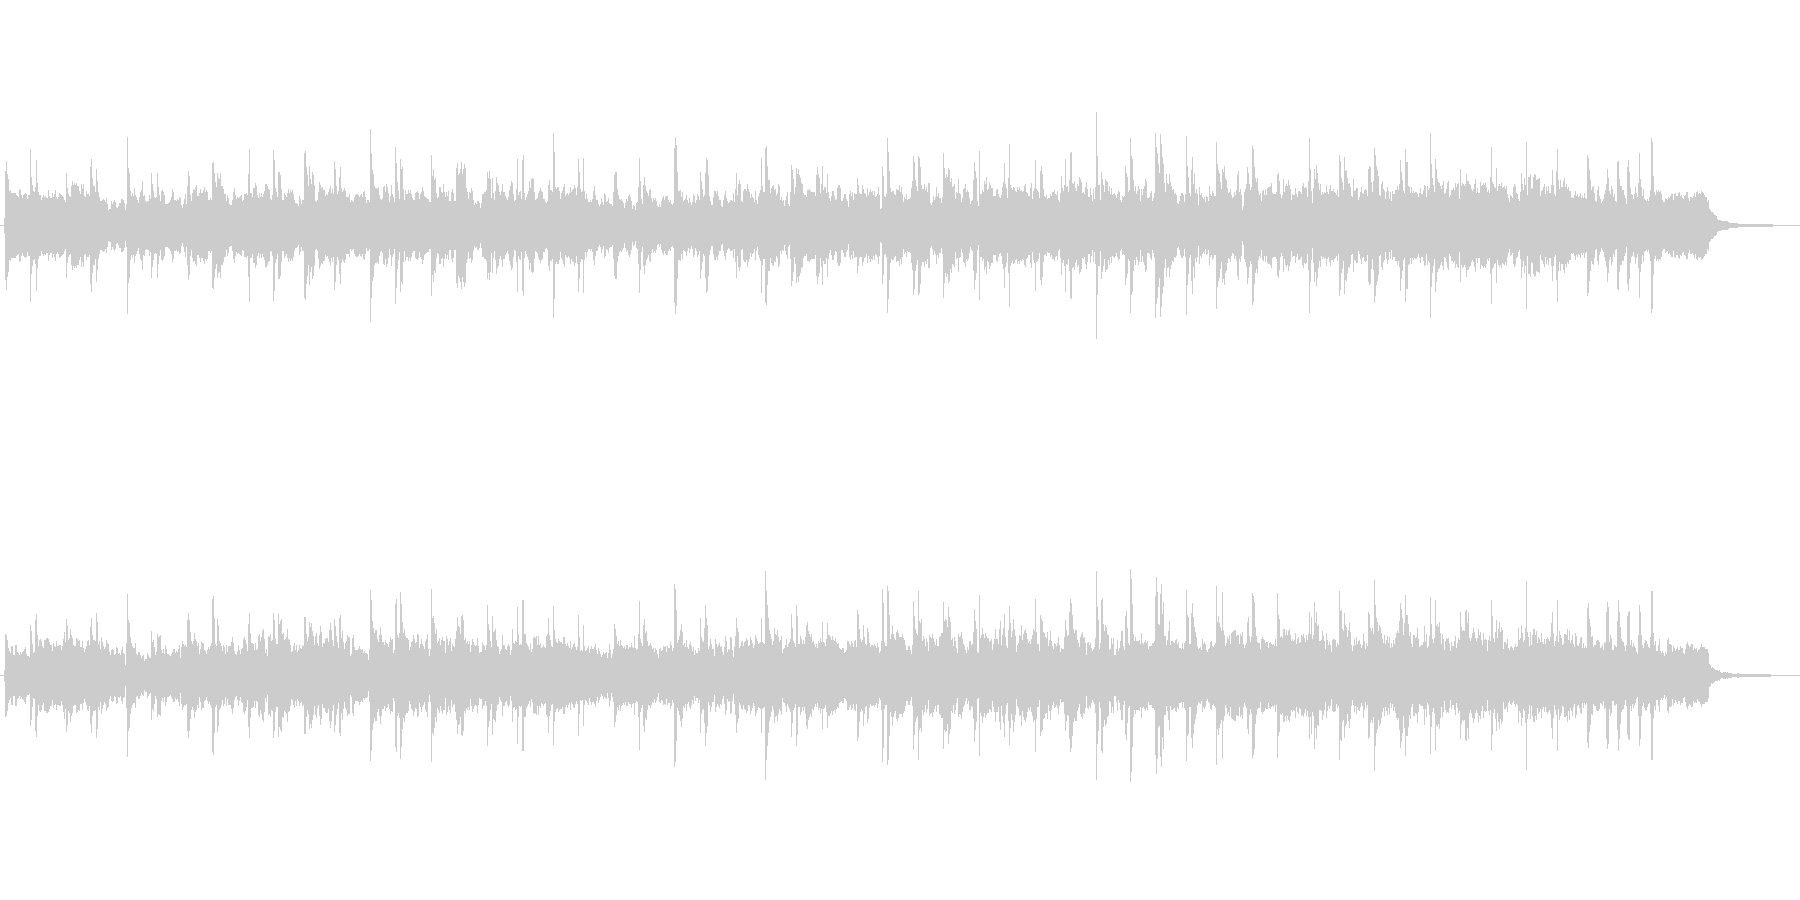 シンセとハープによる幻想的なお城の音楽の未再生の波形